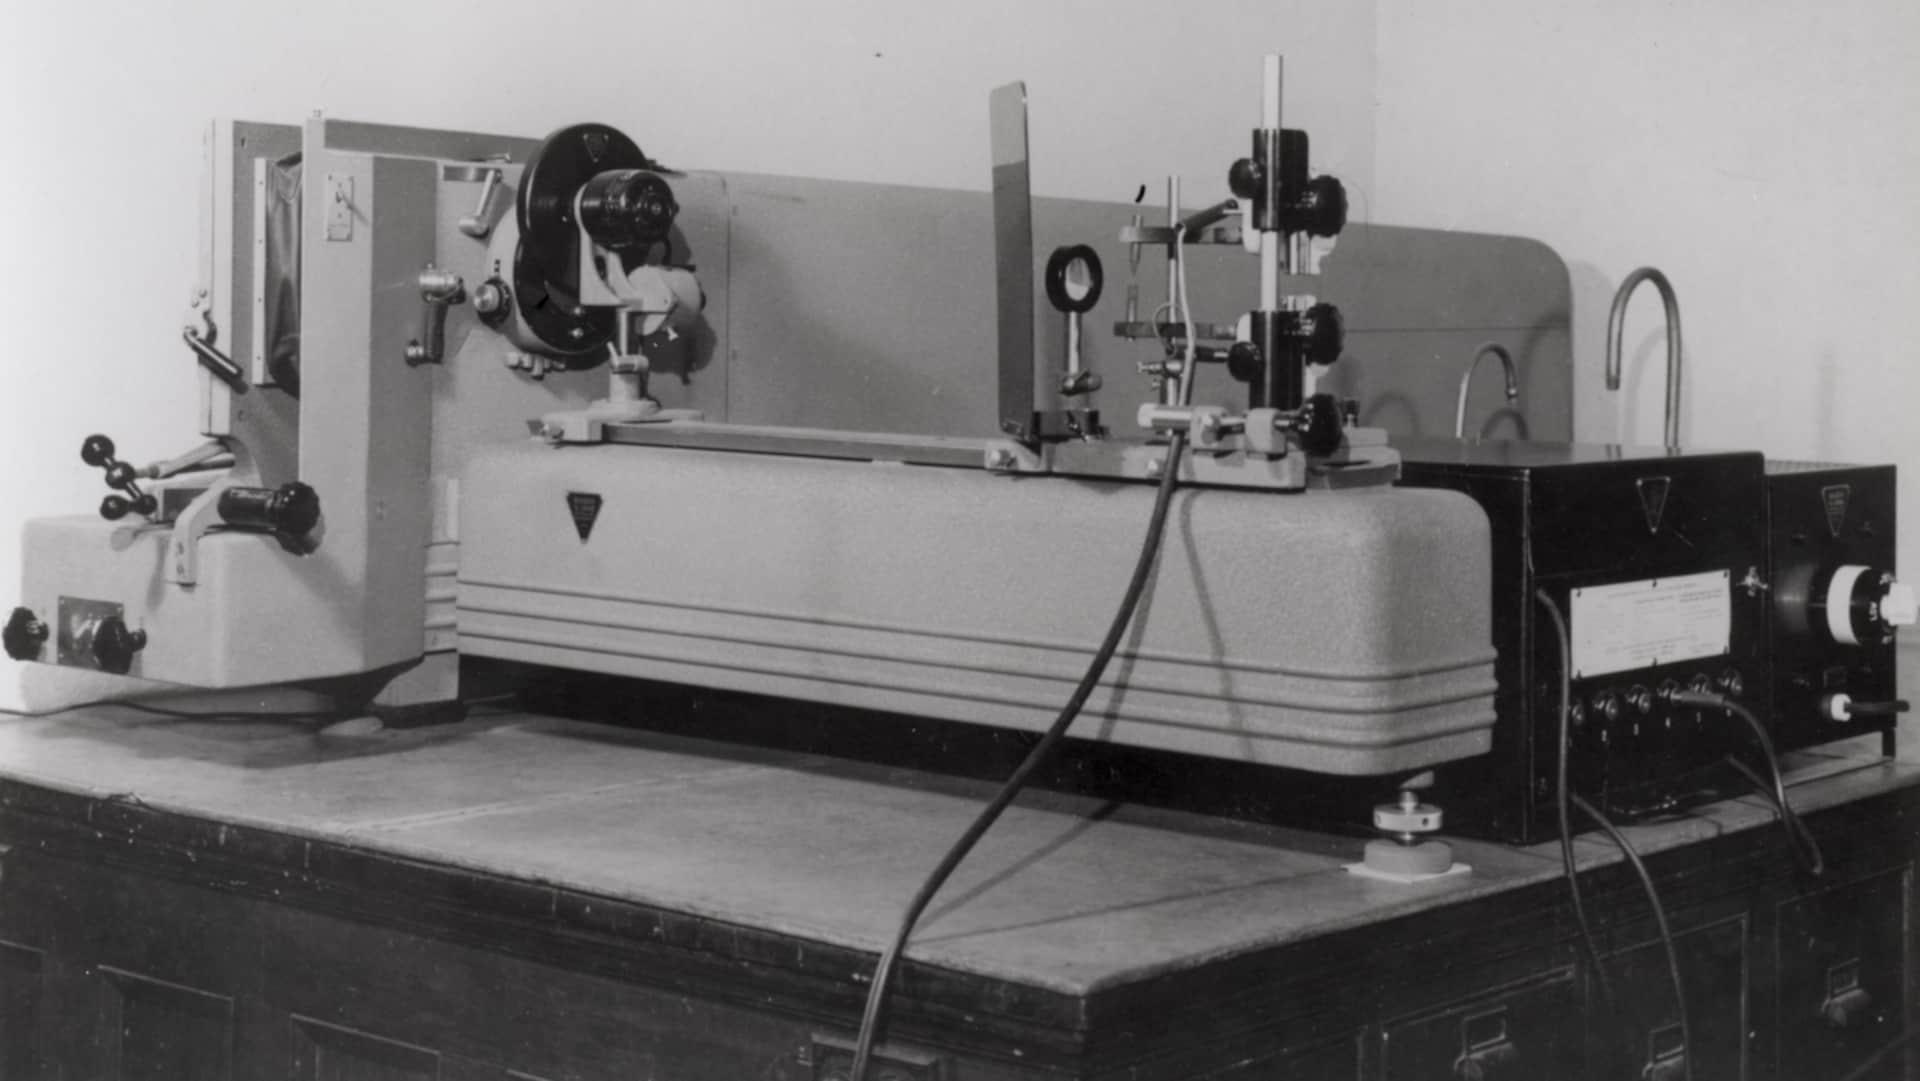 Le spectrographe du Laboratoire de sciences judiciaires et de médecine légale qui a permis d'analyser la composition de la bombe est conservé au Musée de la civilisation.